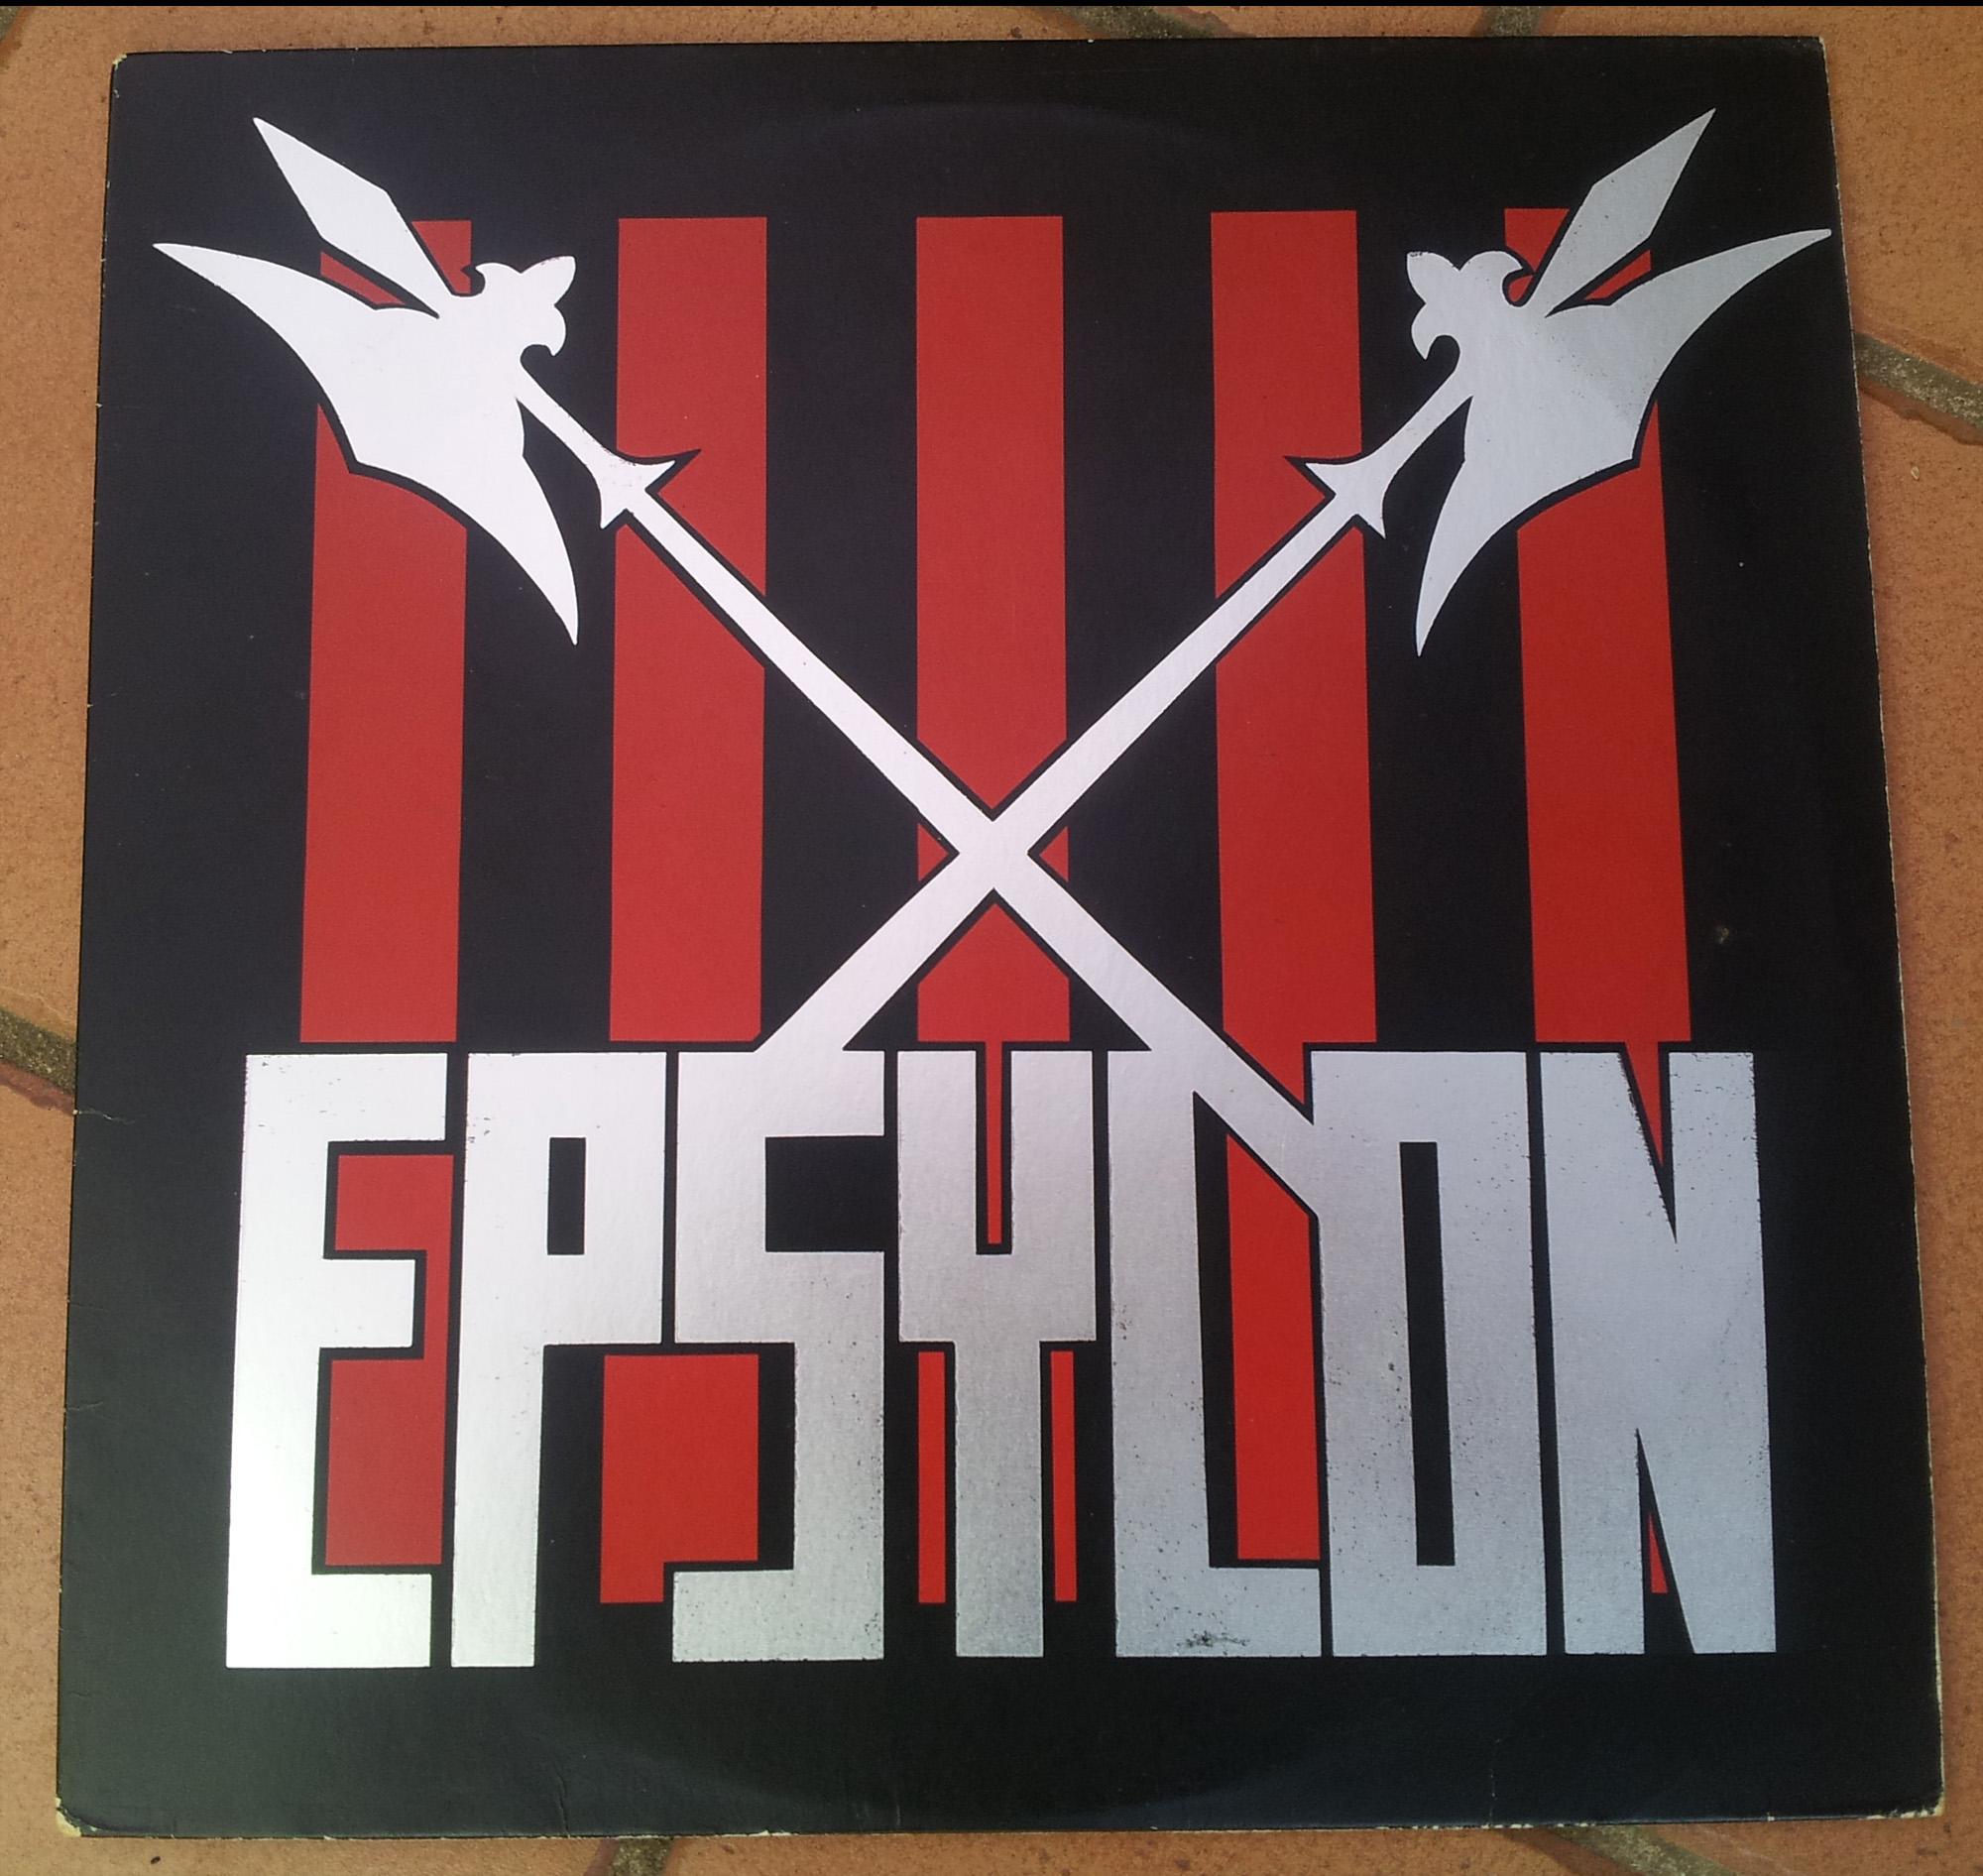 EPSYLON 1er album (1985) le vinyle vu de plus près ...   0611